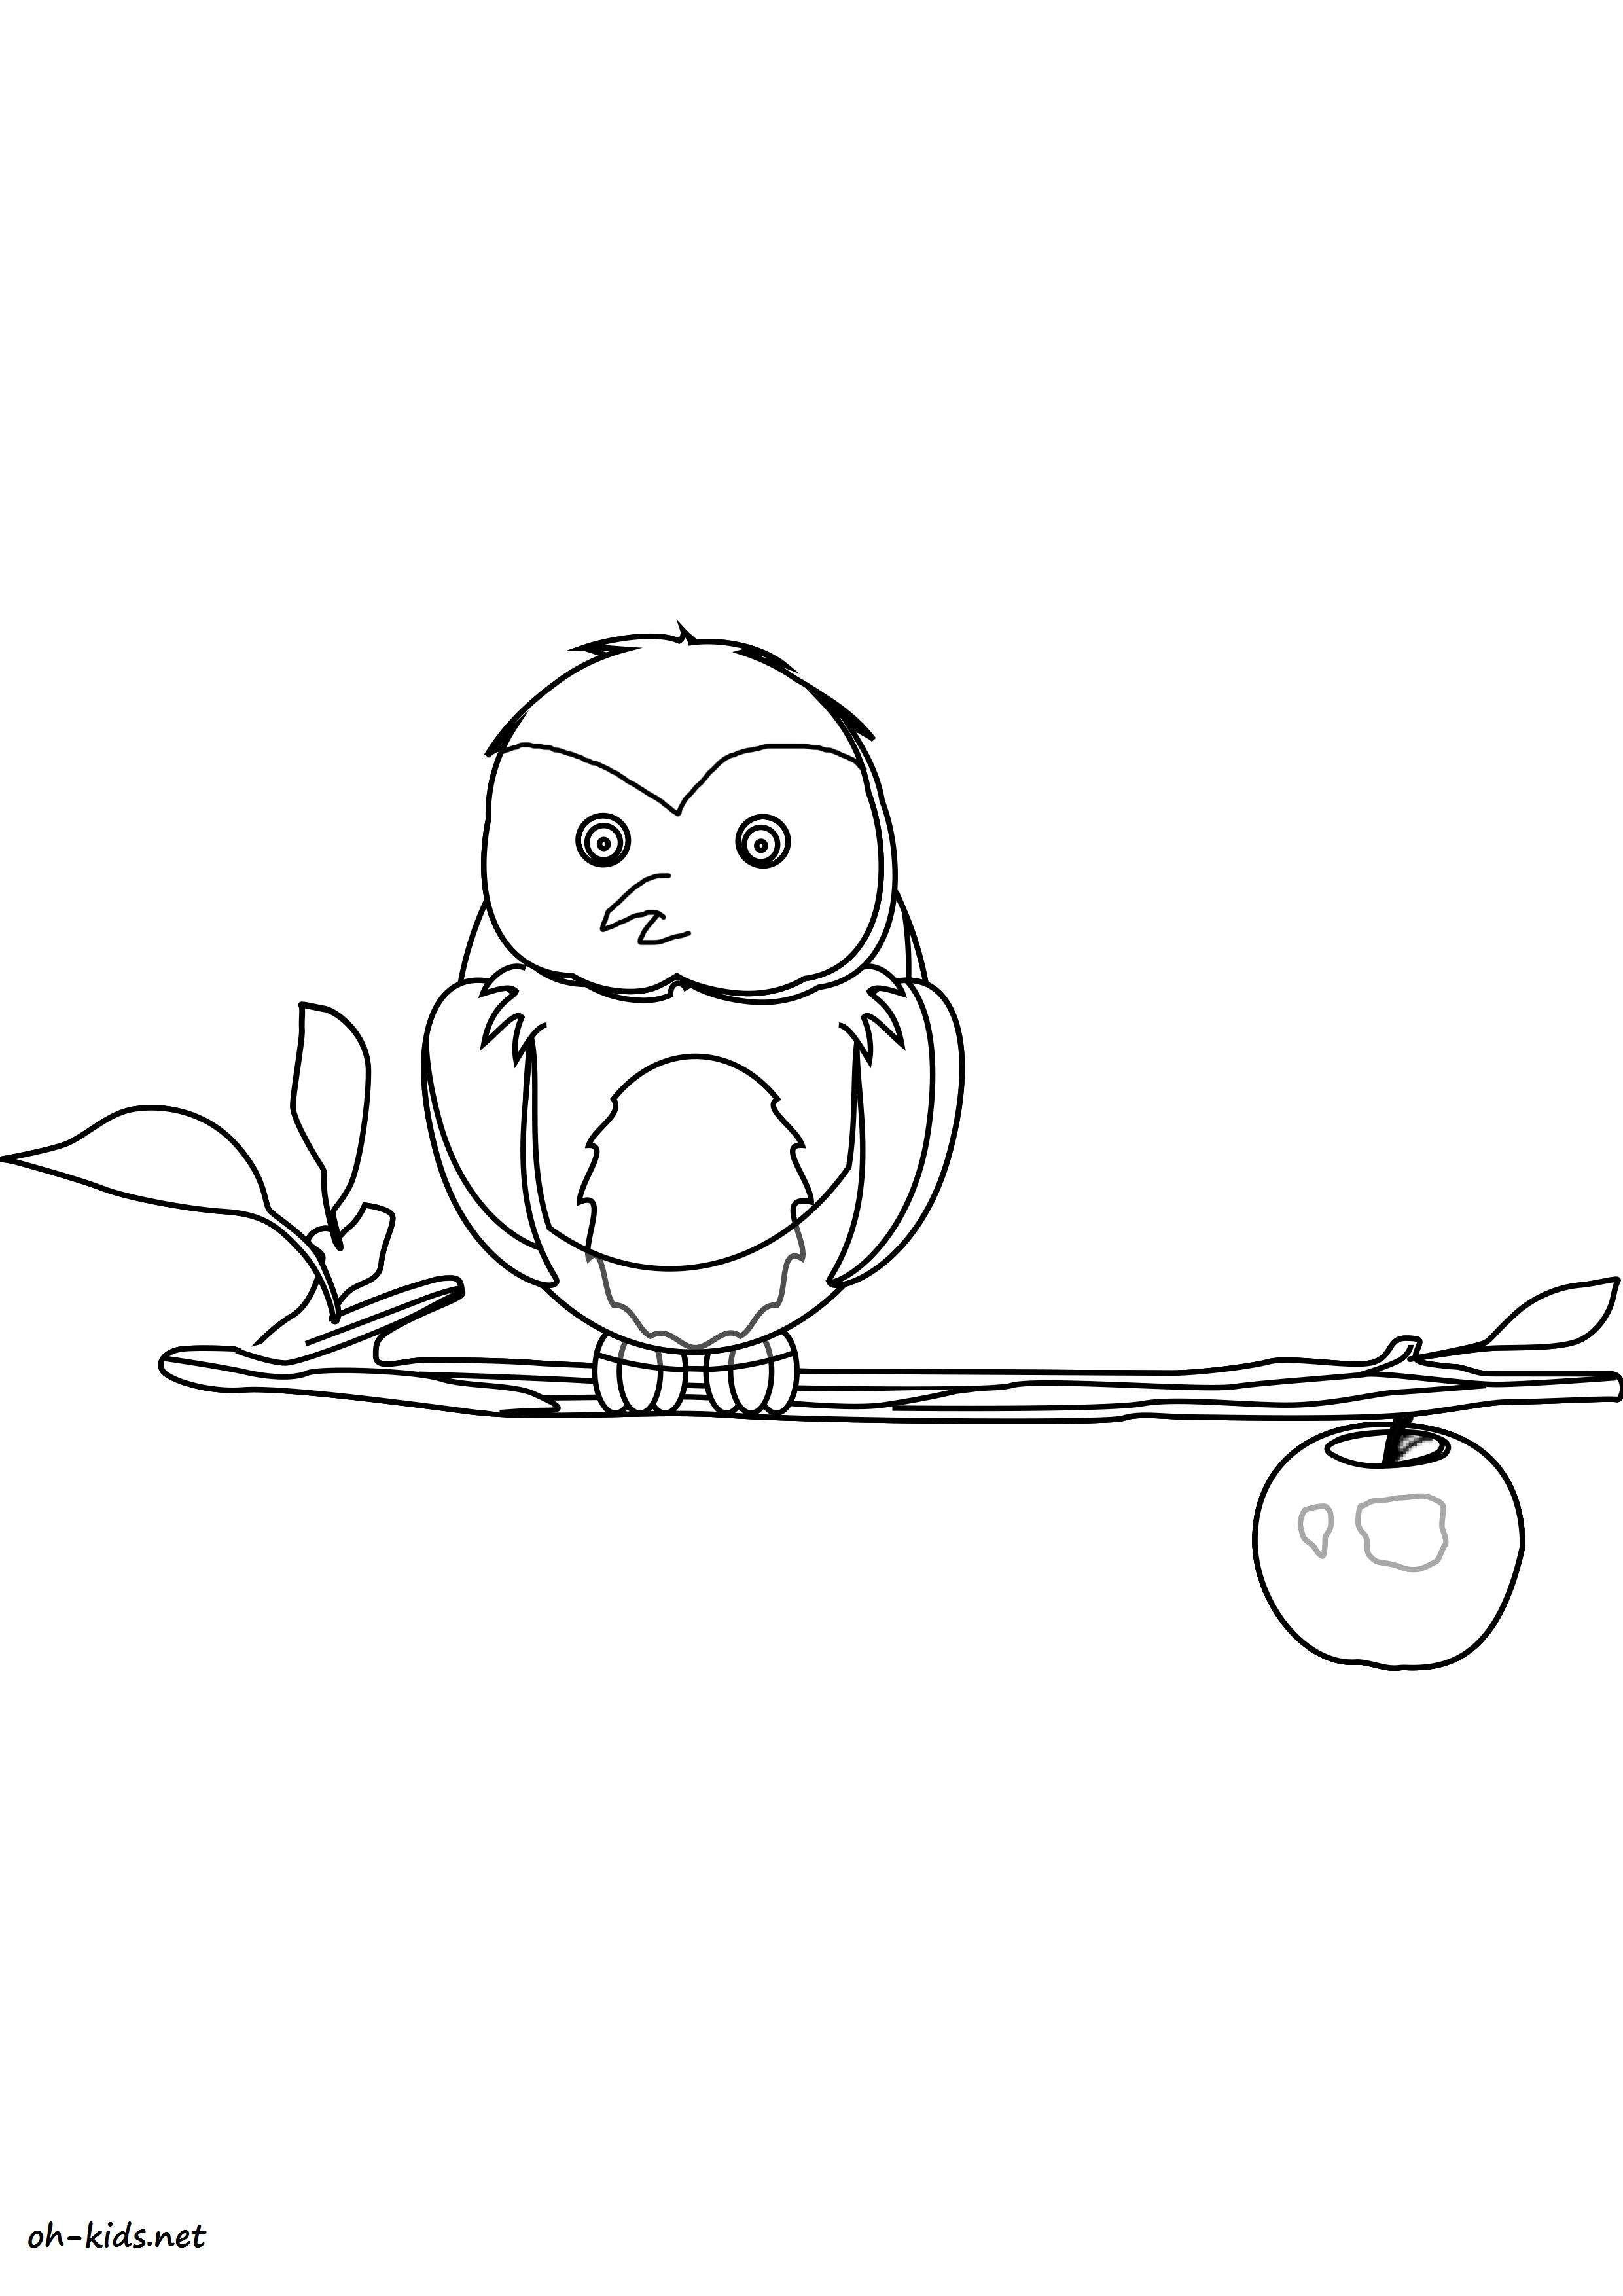 Jeux de coloriage hibou - Dessin #1618